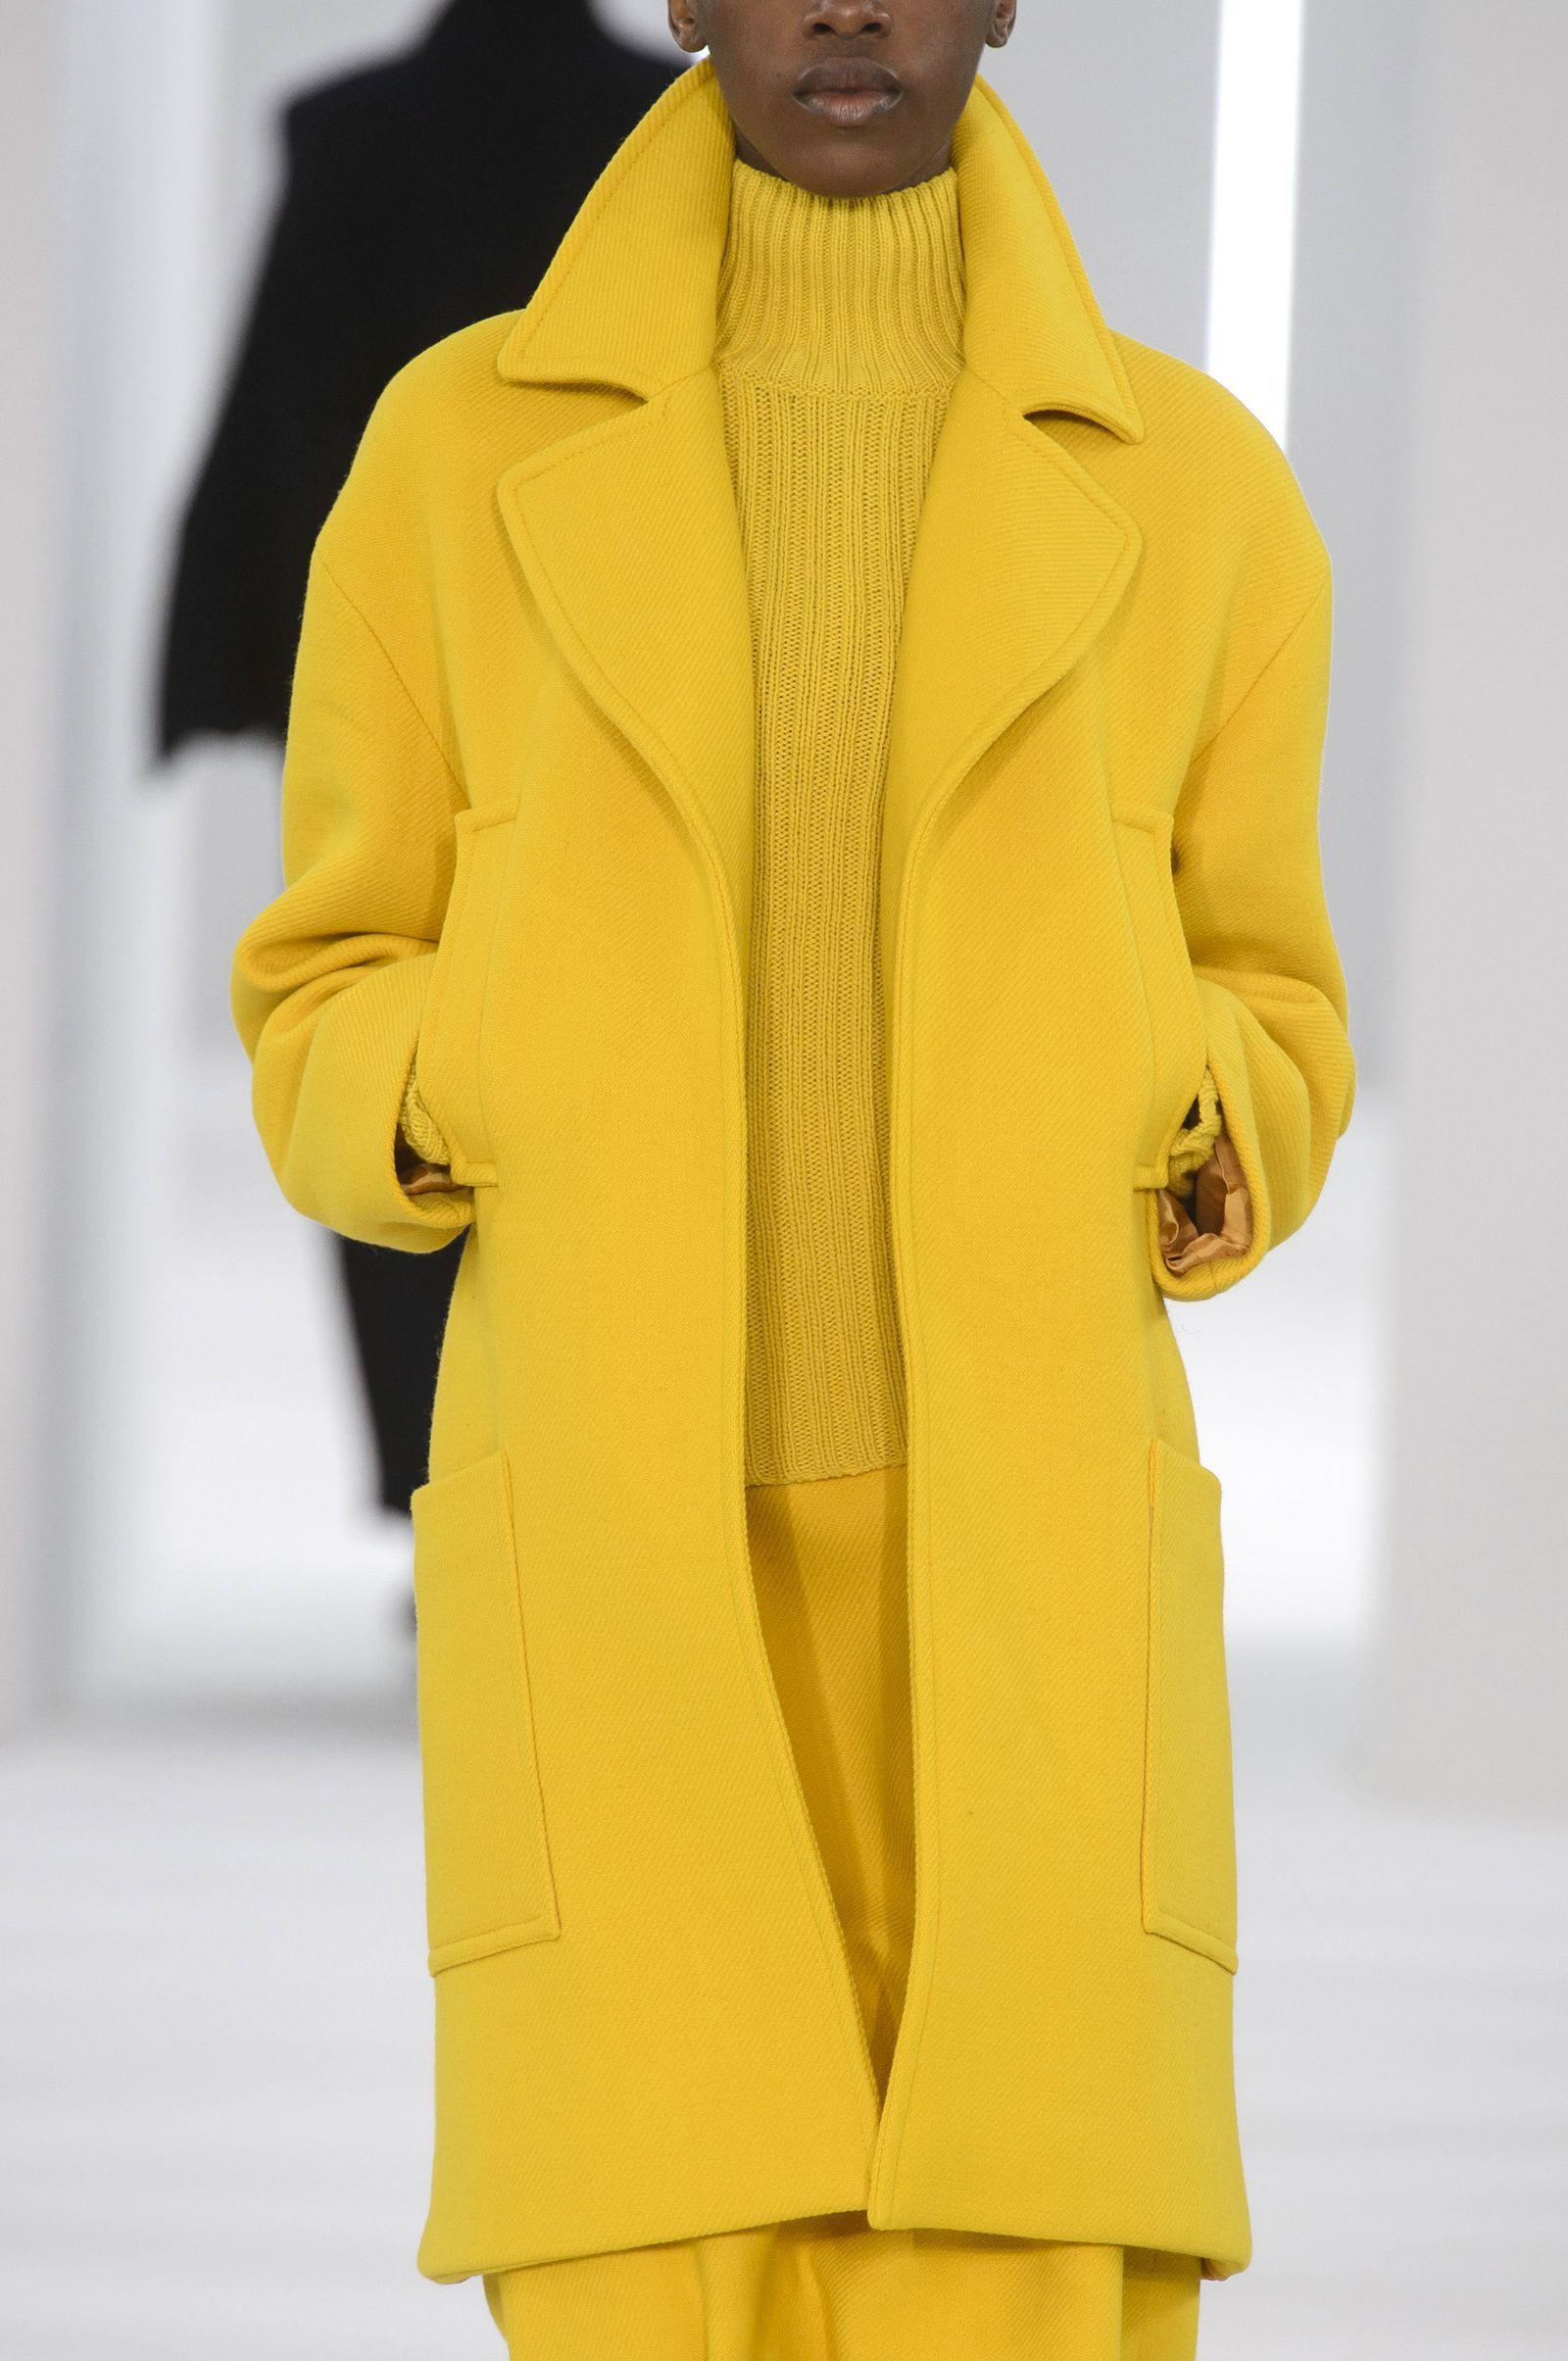 Cappotti donna AutunnoInverno 2018 2019: tutte le tendenze